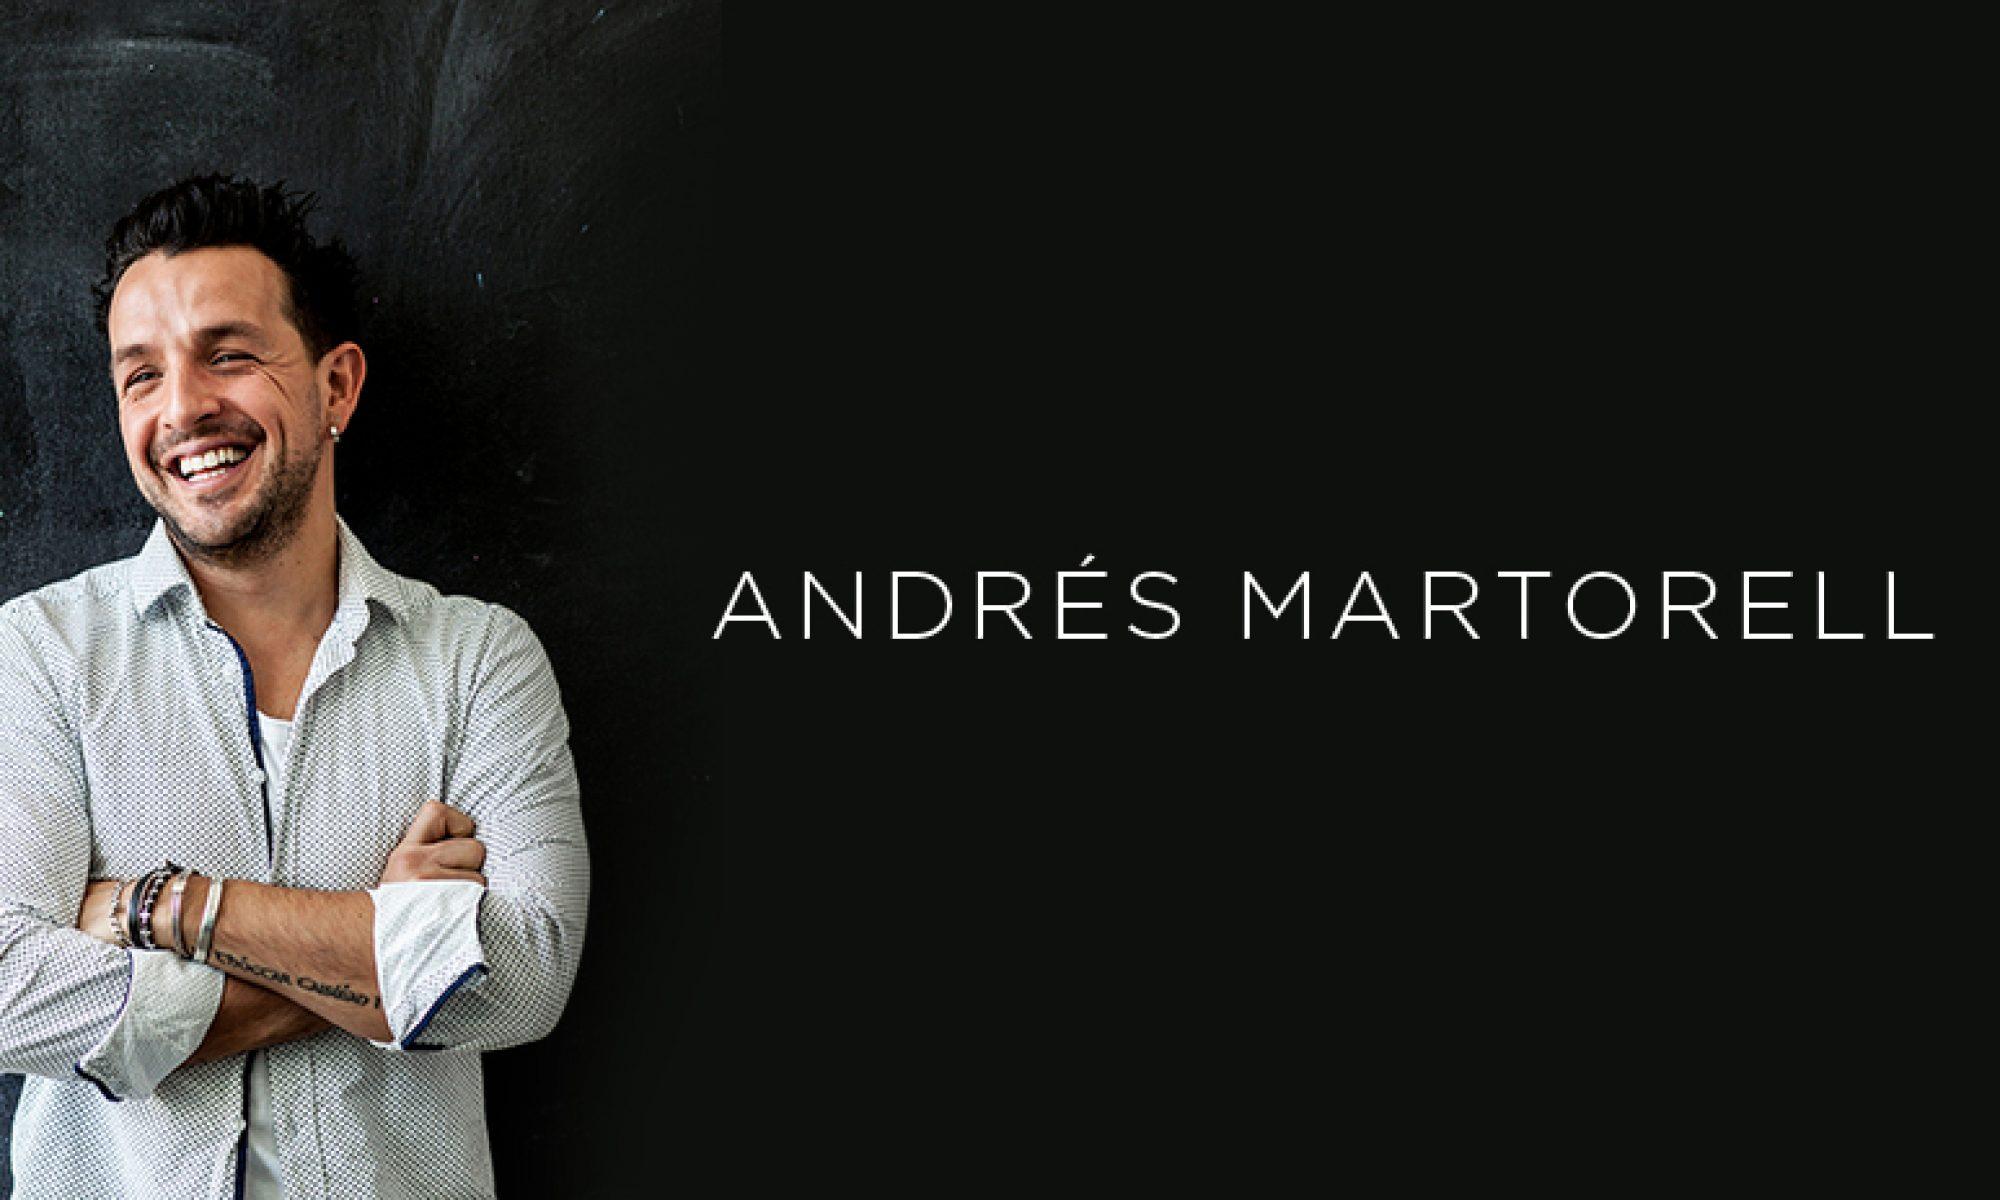 Andres Martorell